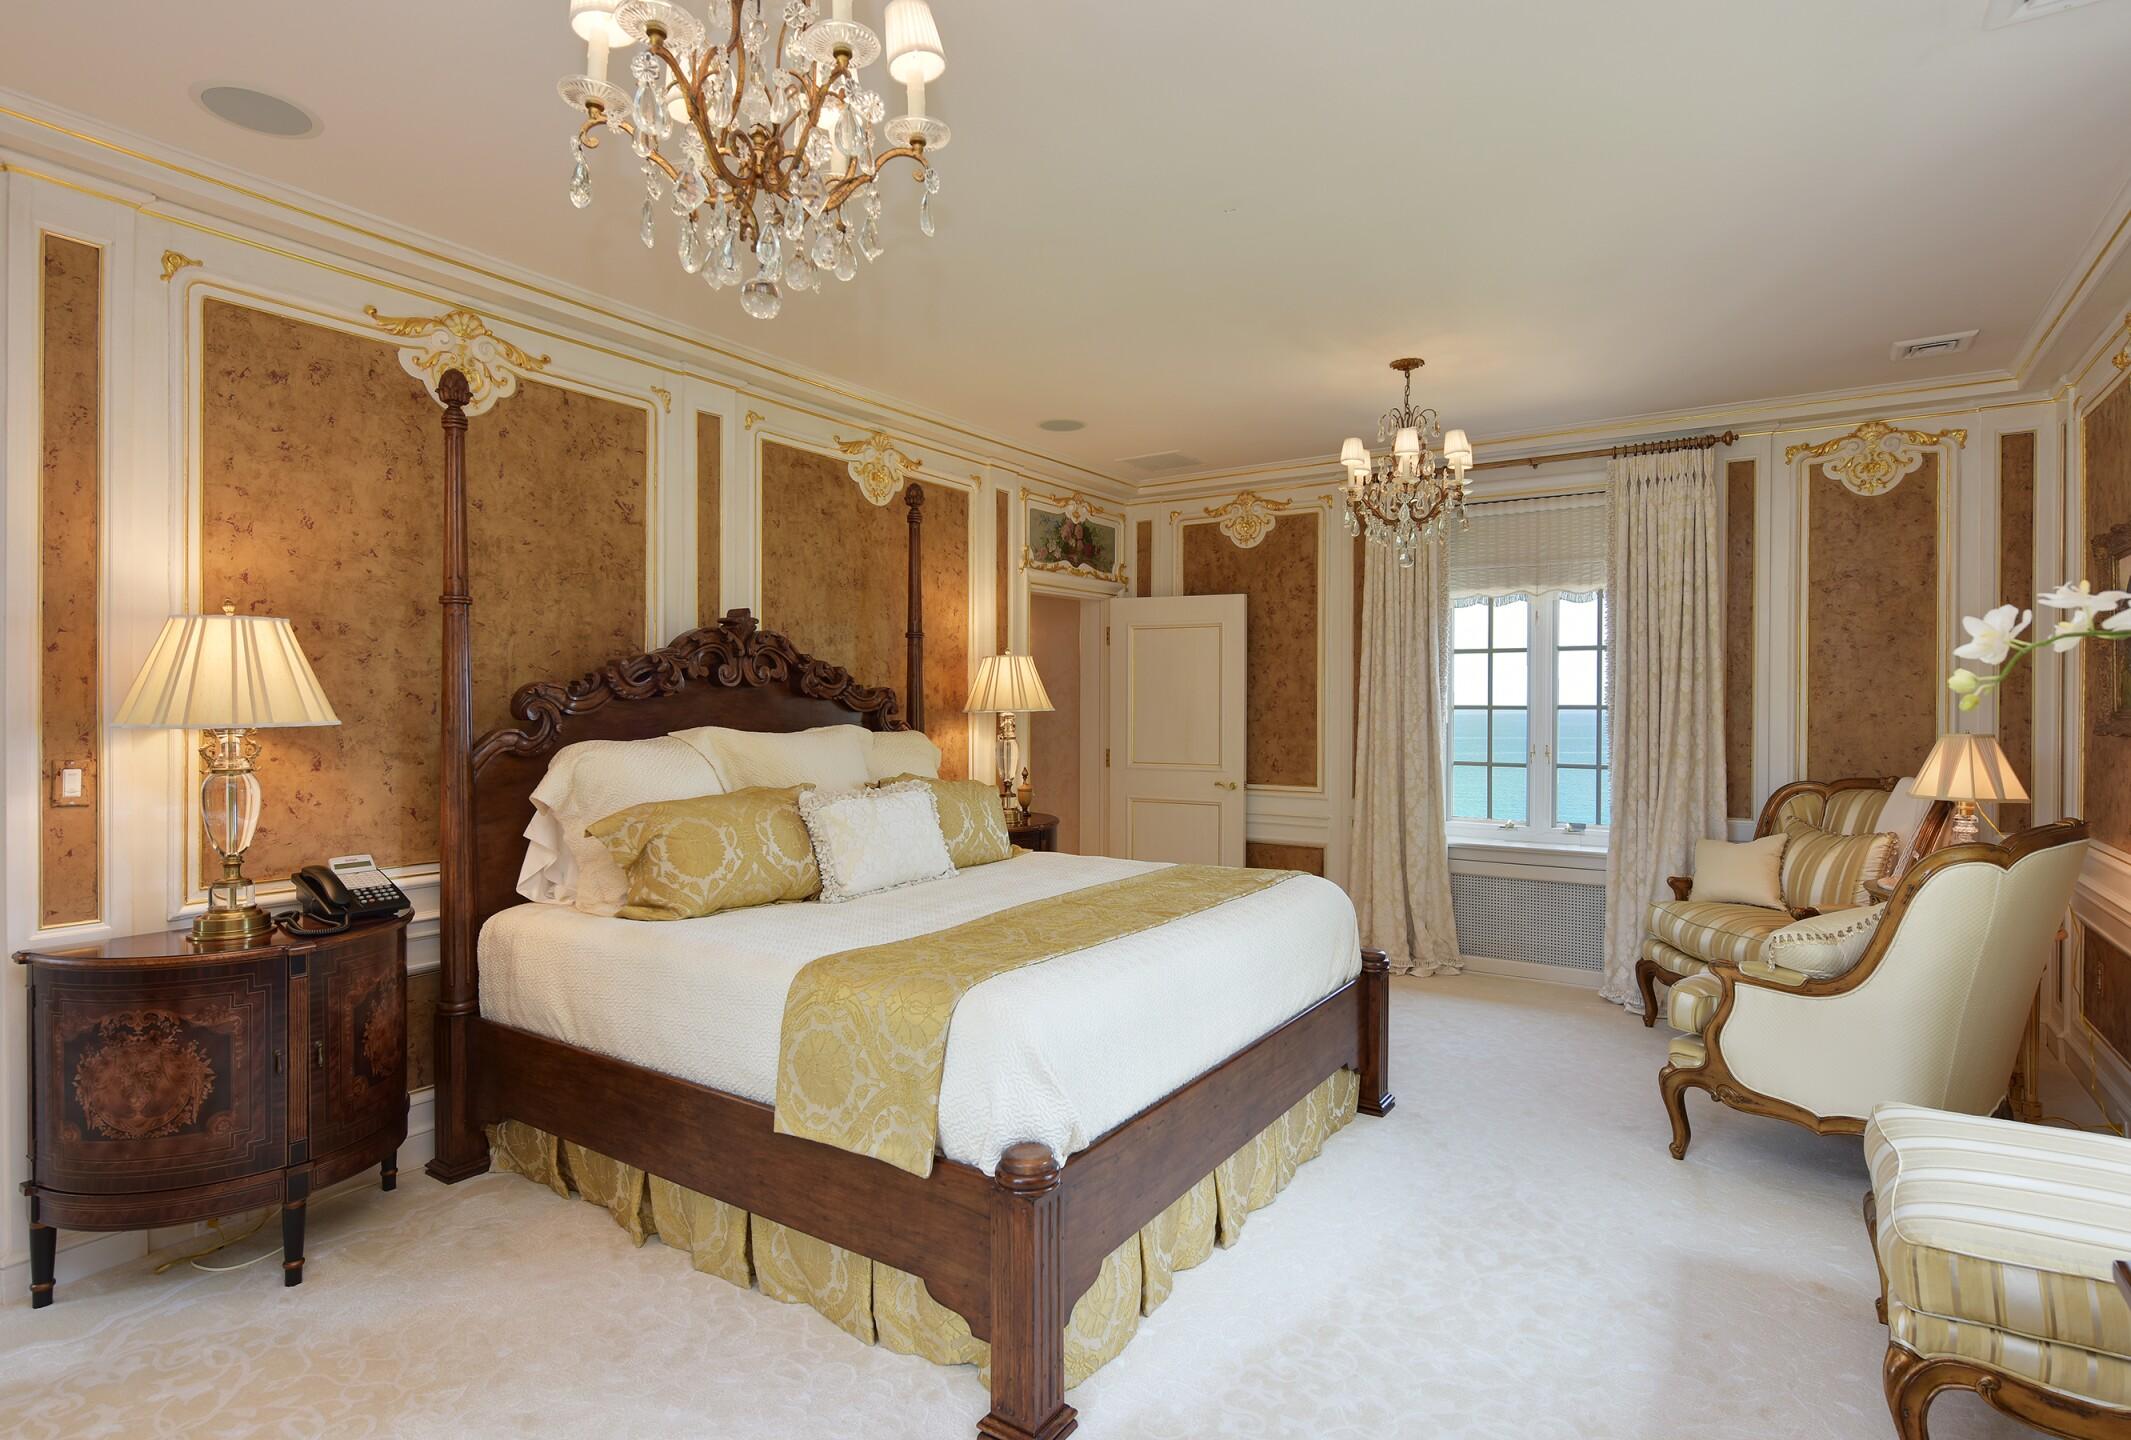 main bedroom2.jpg